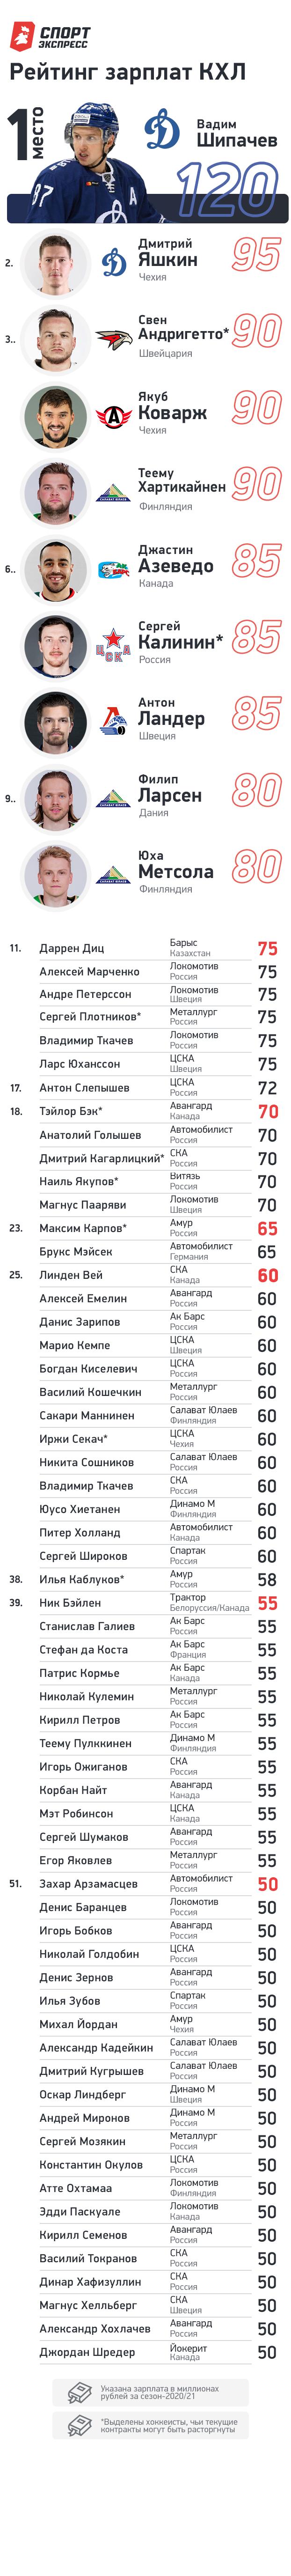 """Рейтинг зарплат КХЛ в сезоне-2020/21. Фото """"СЭ"""""""